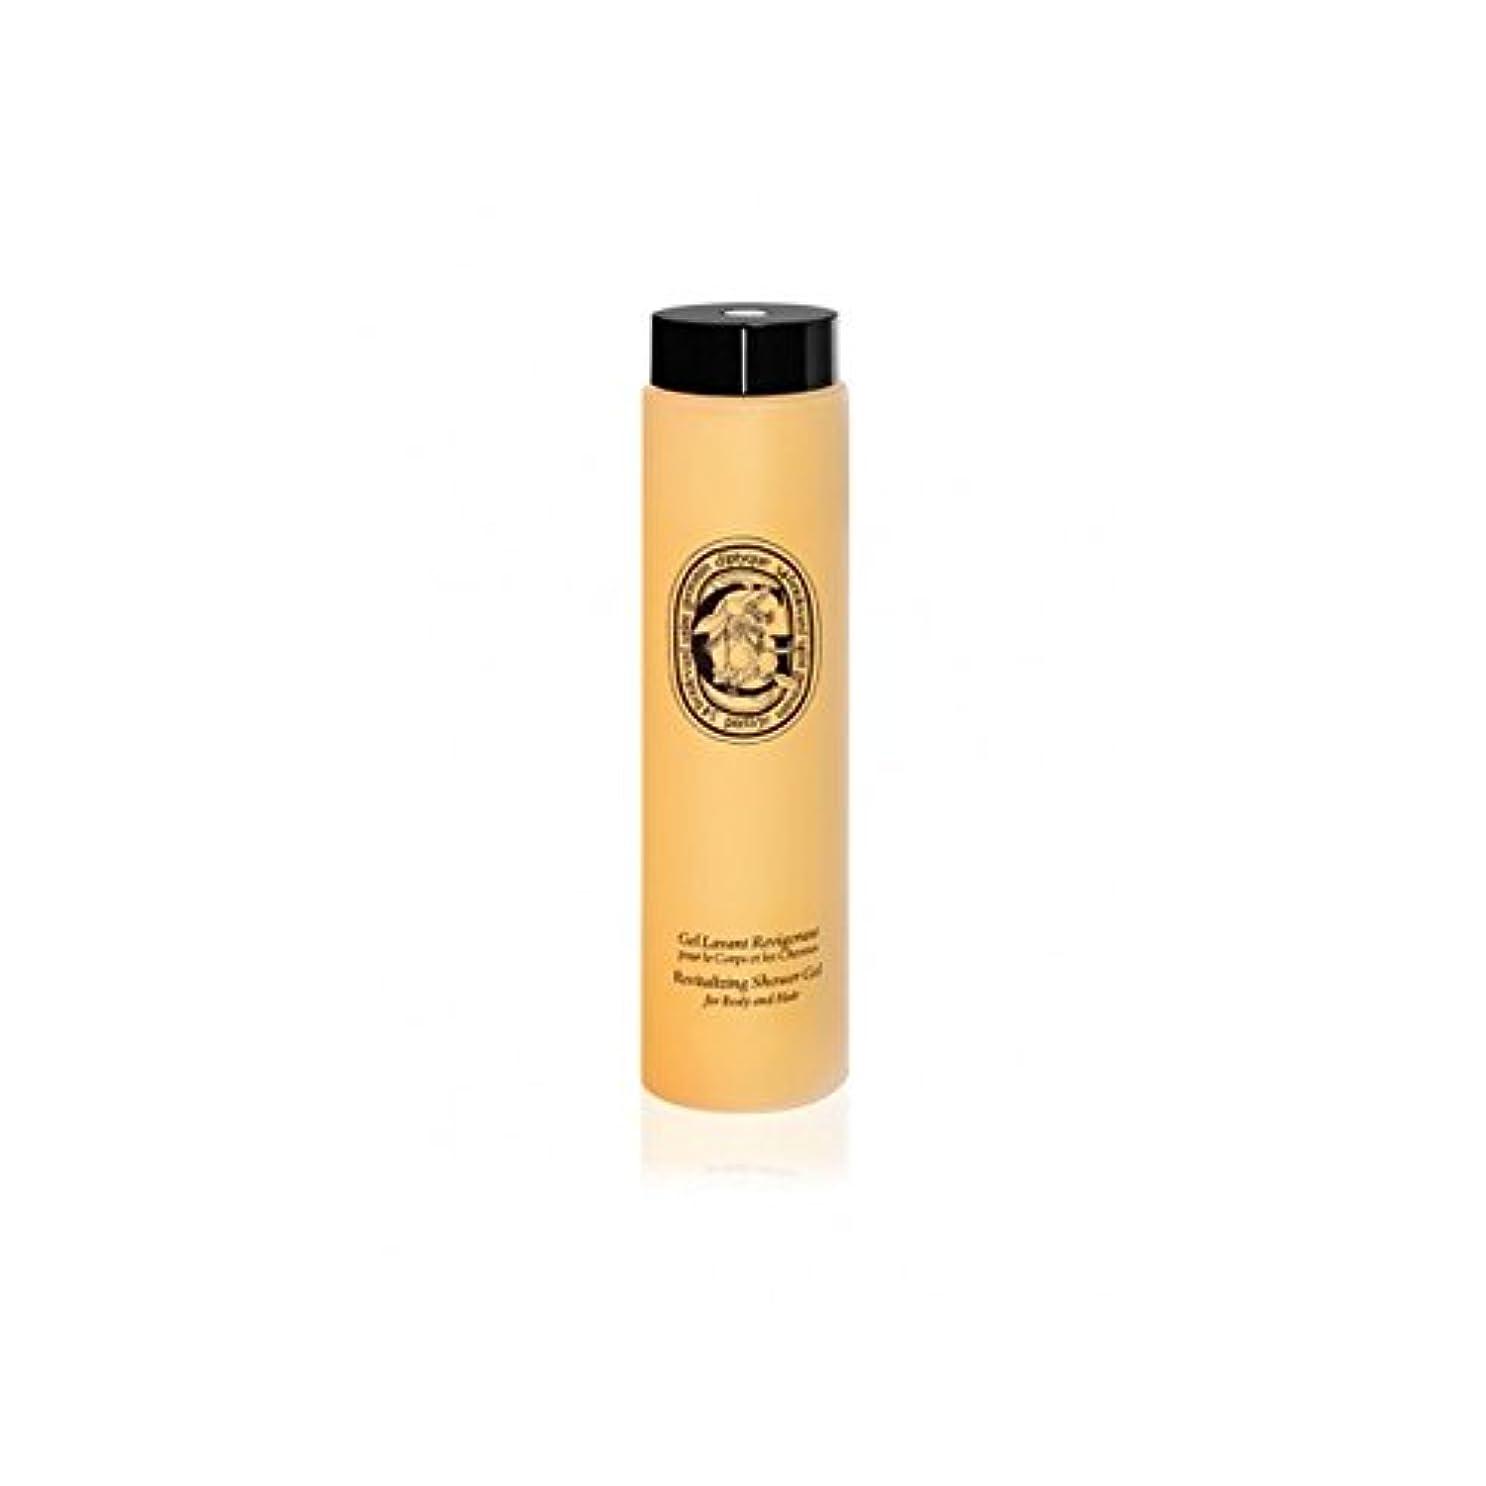 ワンダー教生きているDiptyque Revitalizing Shower Gel For Body And Hair 200ml (Pack of 2) - ボディ、ヘア200ミリリットルのためDiptyqueのリバイタライジングシャワージェル...